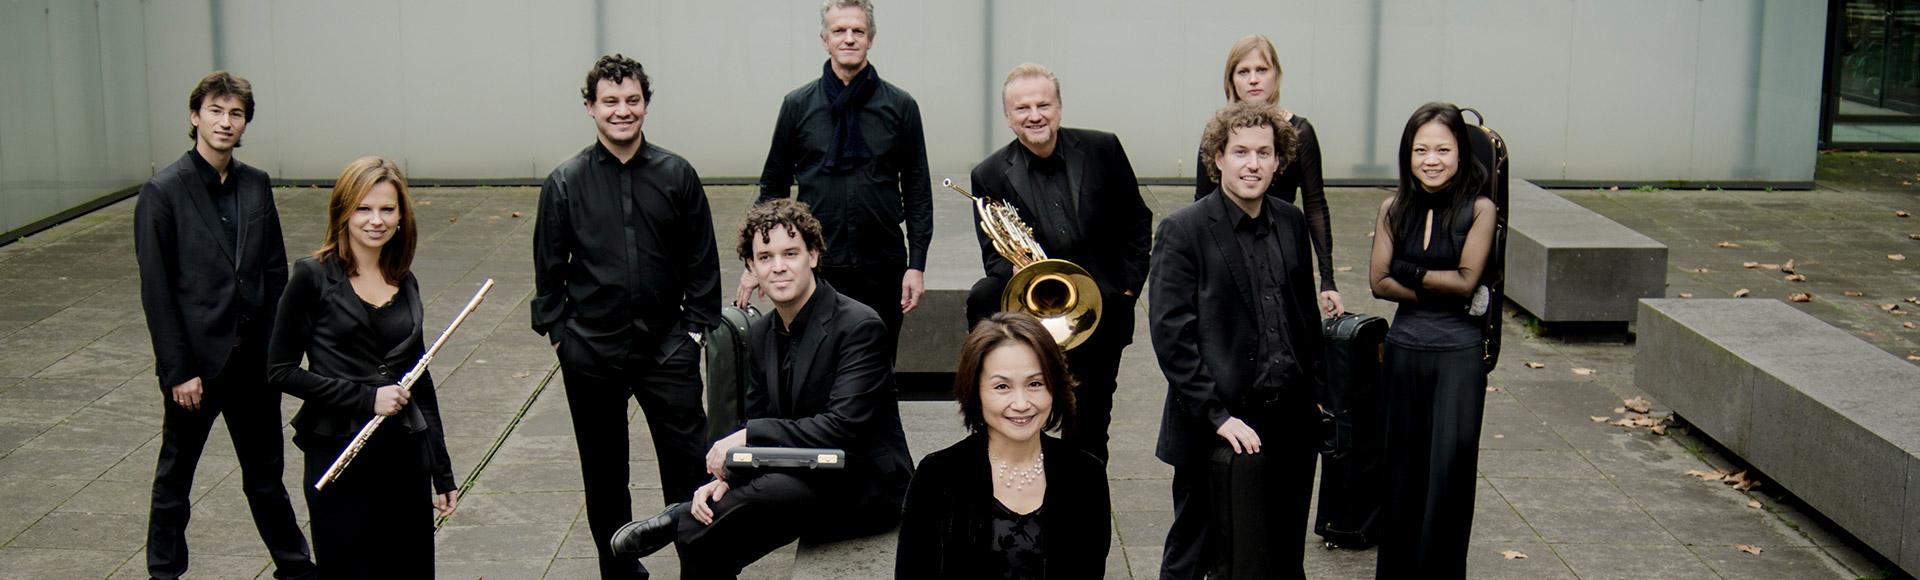 Kölner Kammersolisten